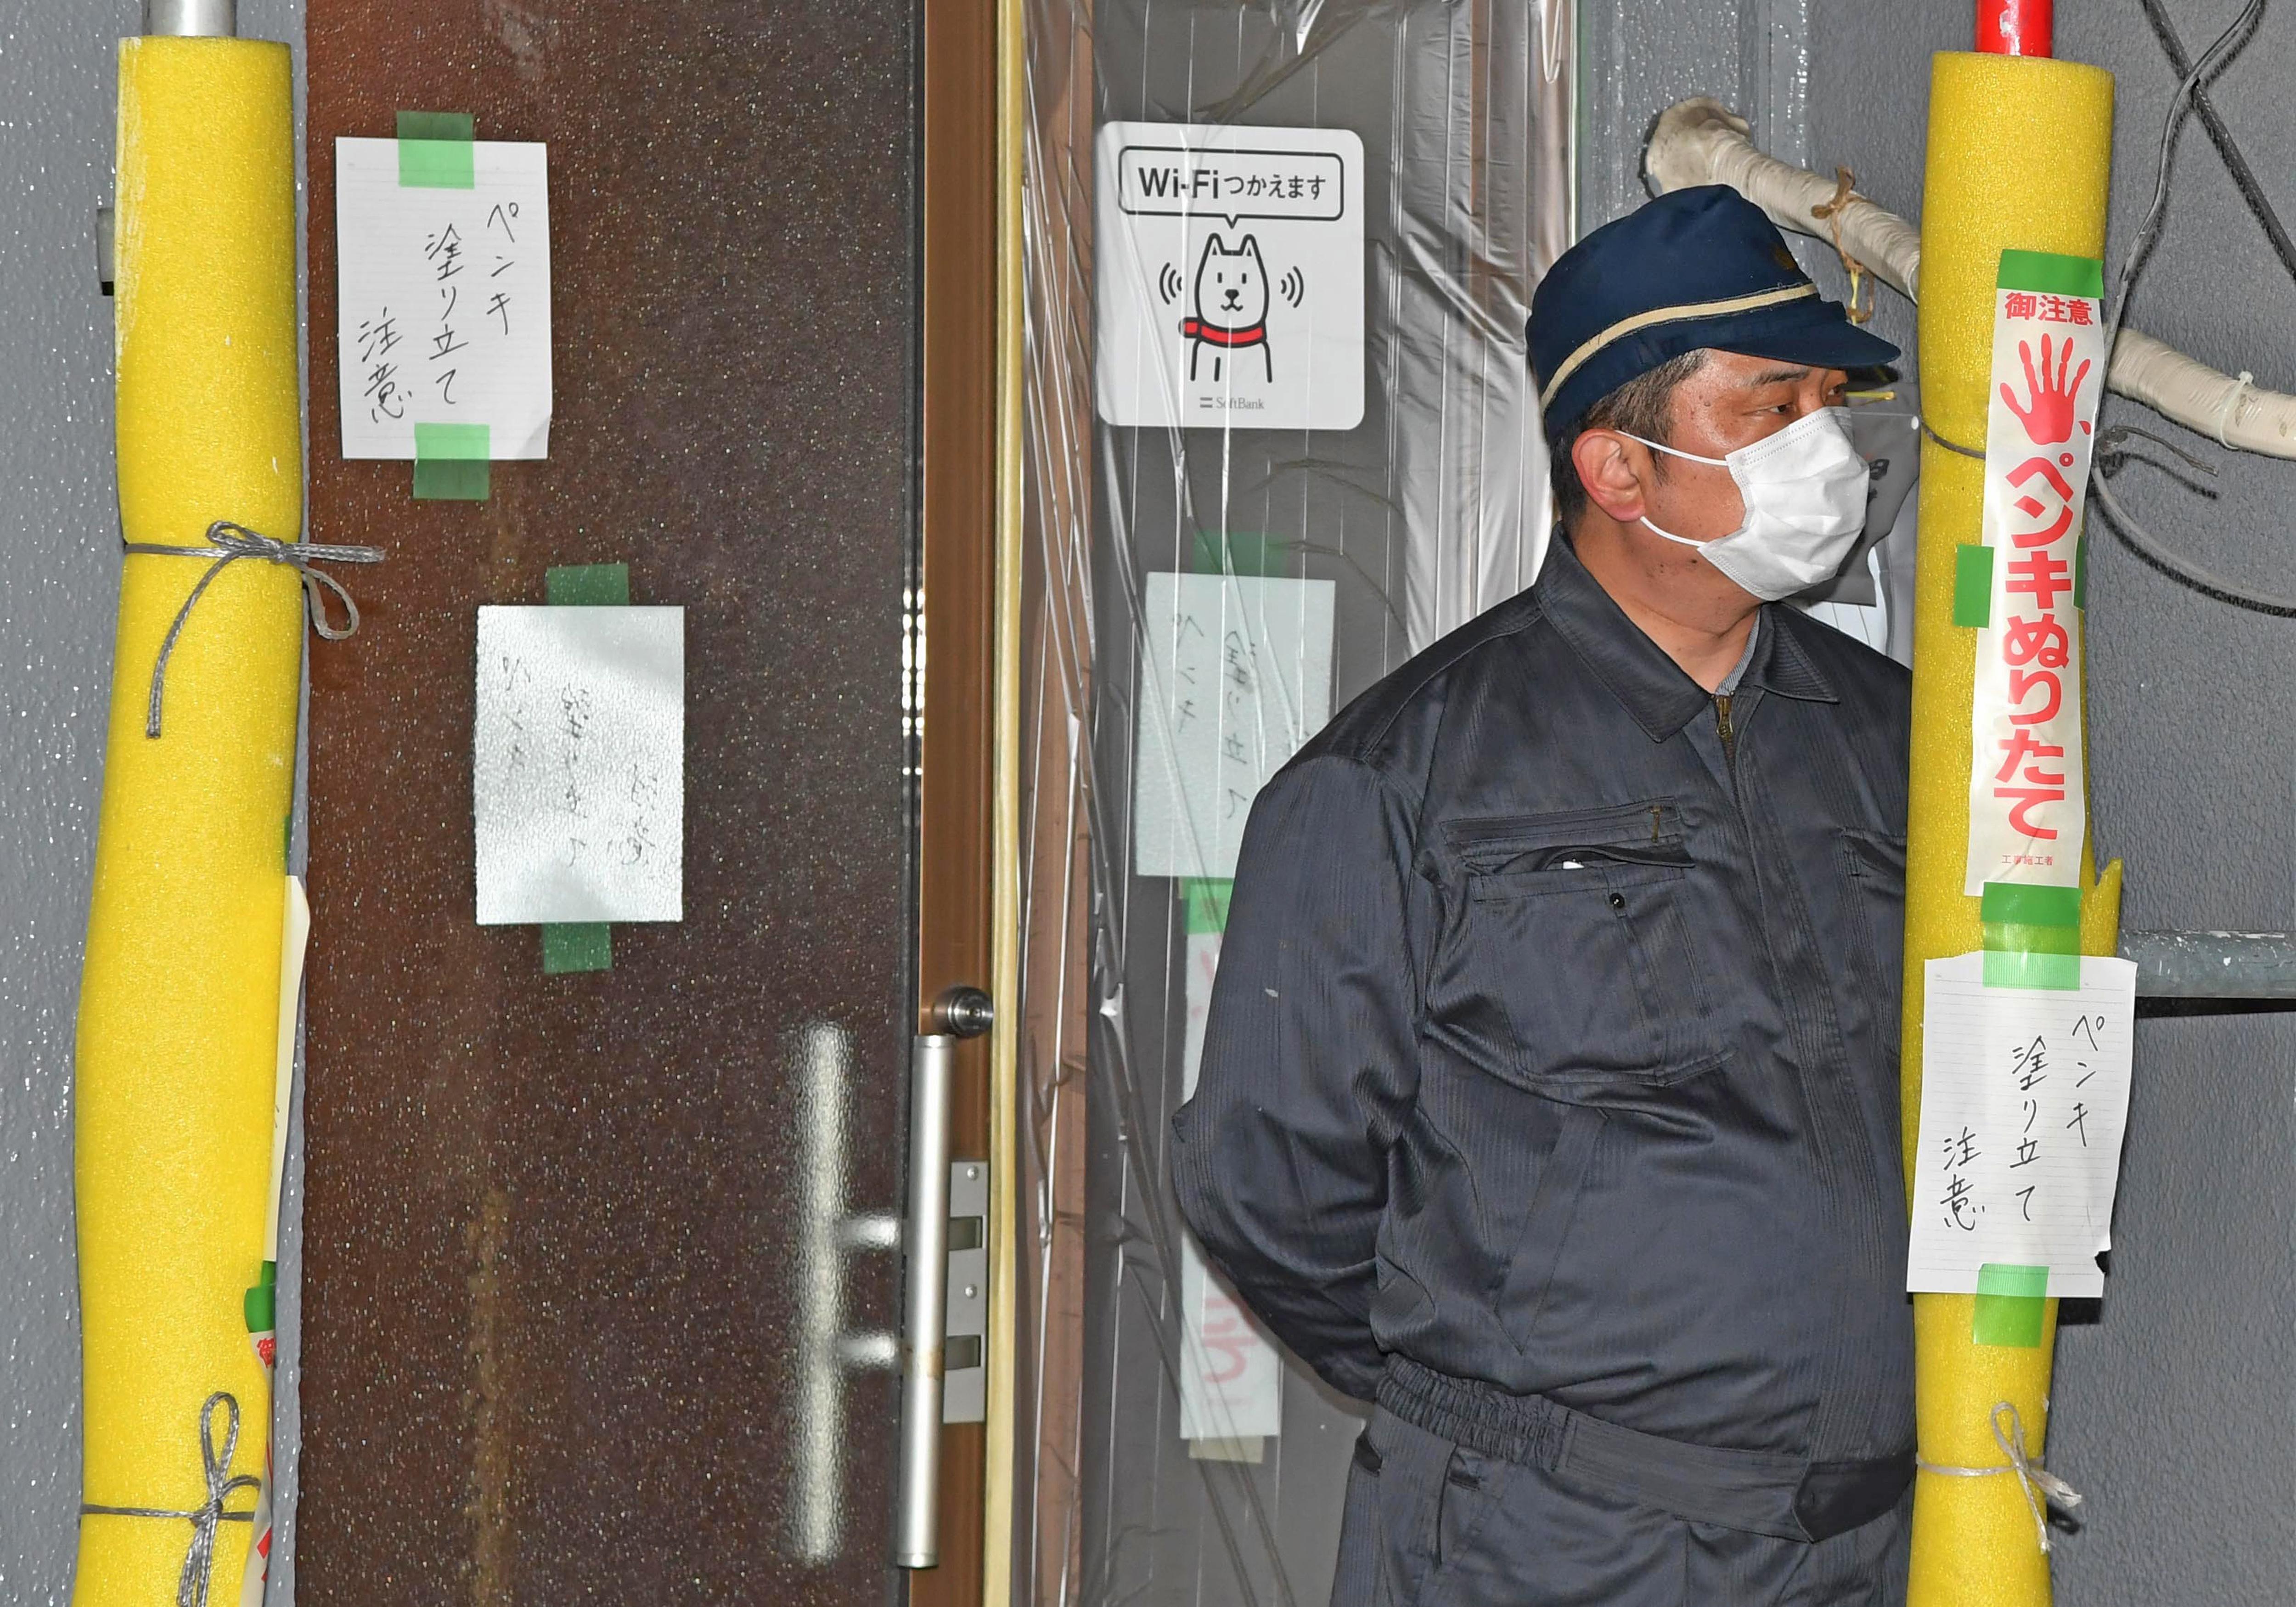 Őrizetbe vettek egy amerikai turistát, miután több darabban találták meg a japán nőt, akivel randizott